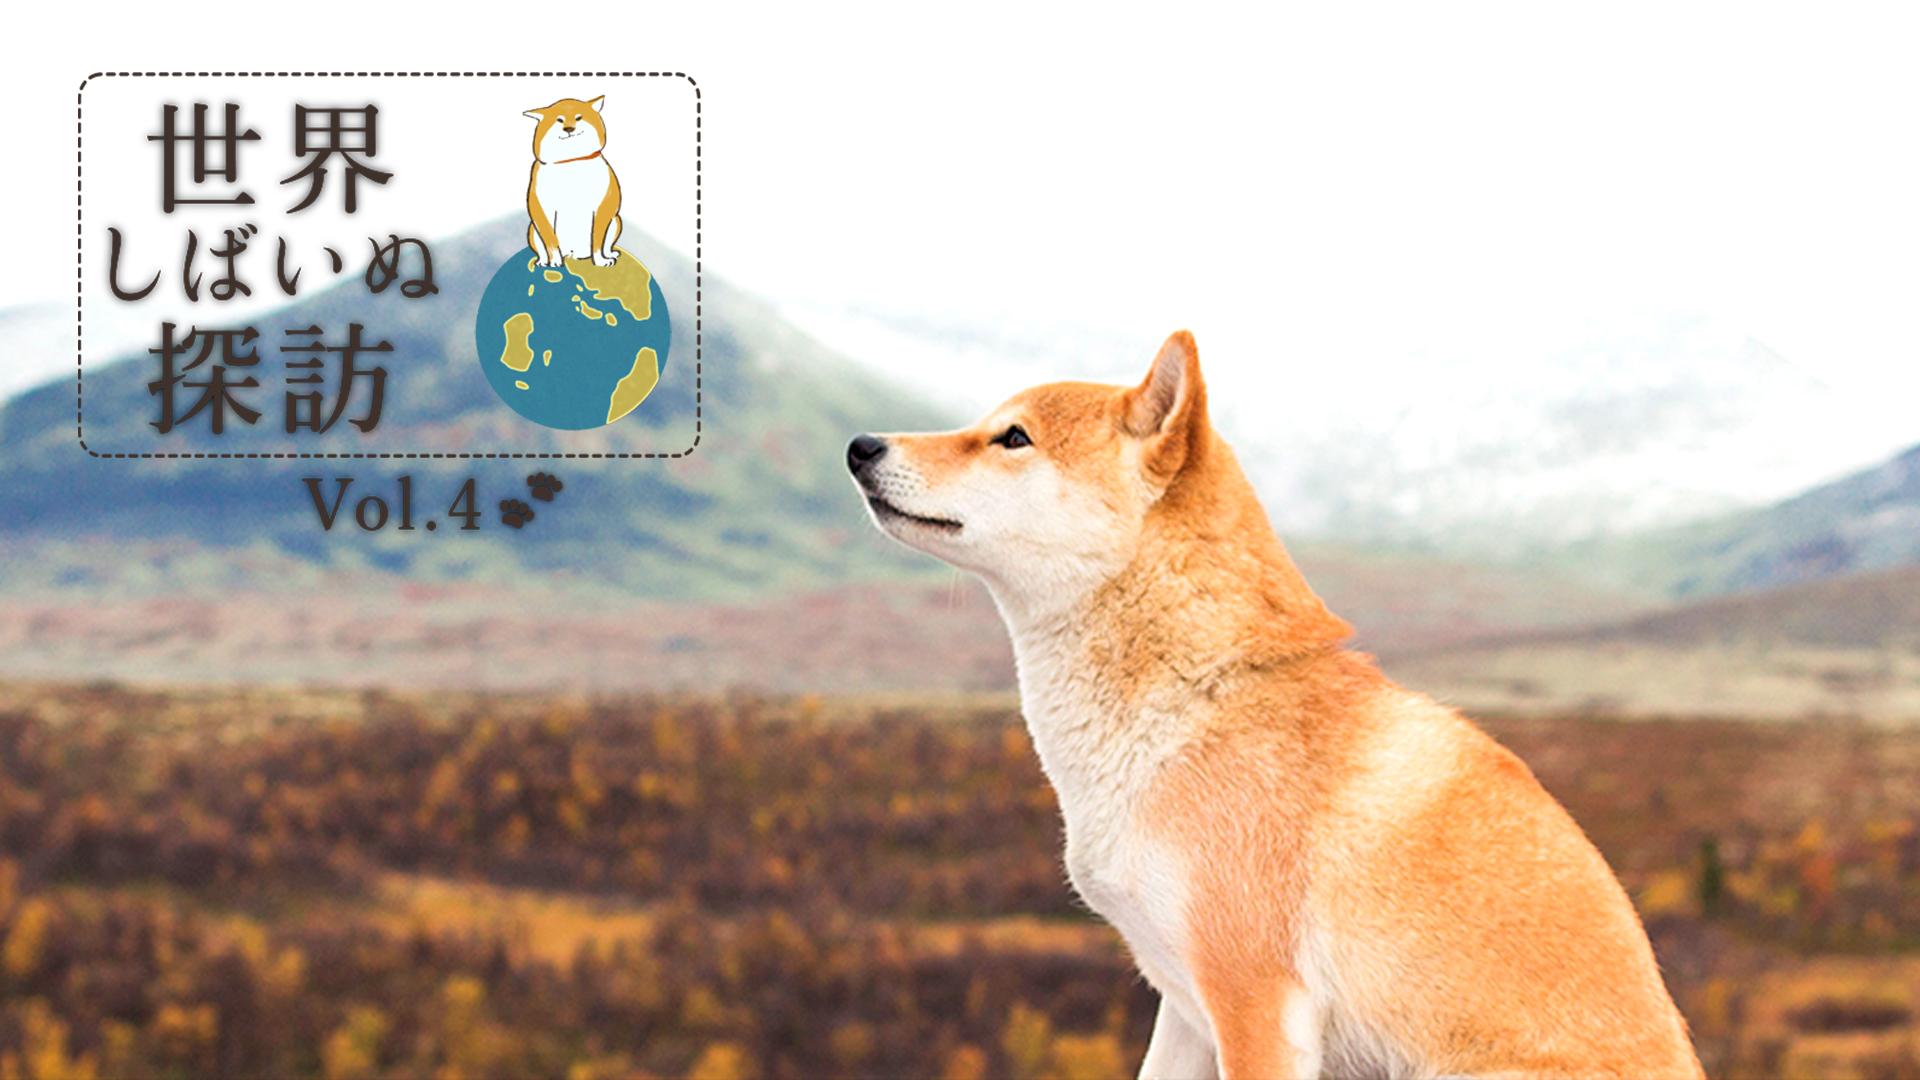 世界しばいぬ探訪 vol.4🐕🐾 ノルウェーに暮らす柴犬・Nanaの幸せな毎日✨